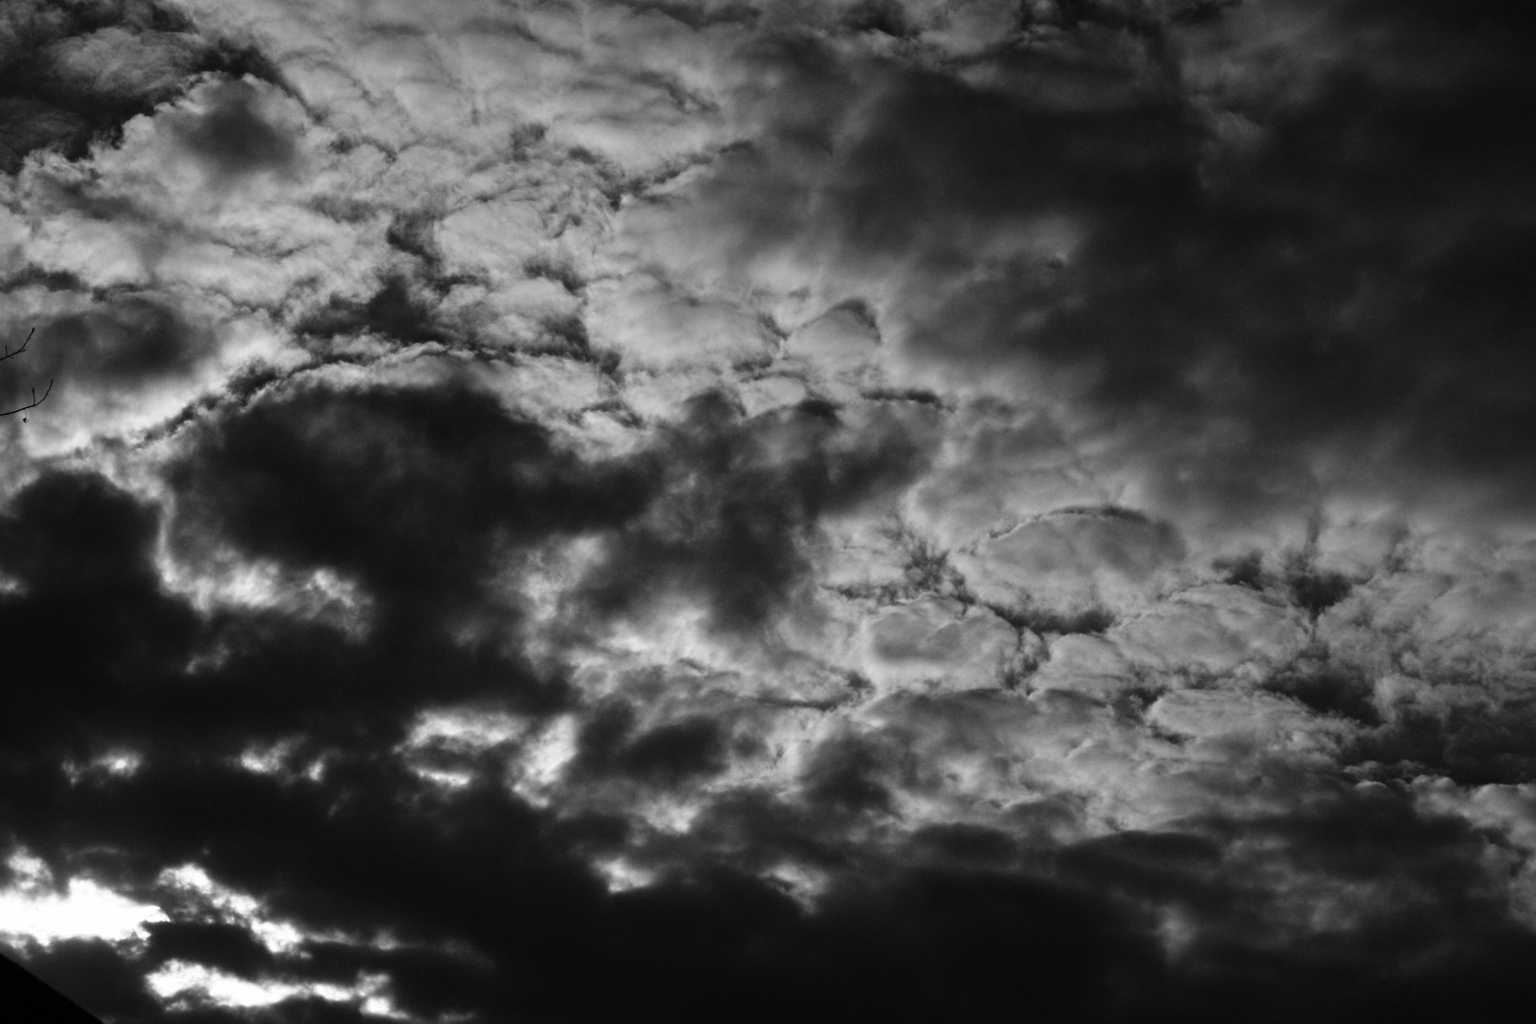 Chaconne cung Sol thứ của Vitali – bản nhạc 'đau thương nhất mọi thời đại'